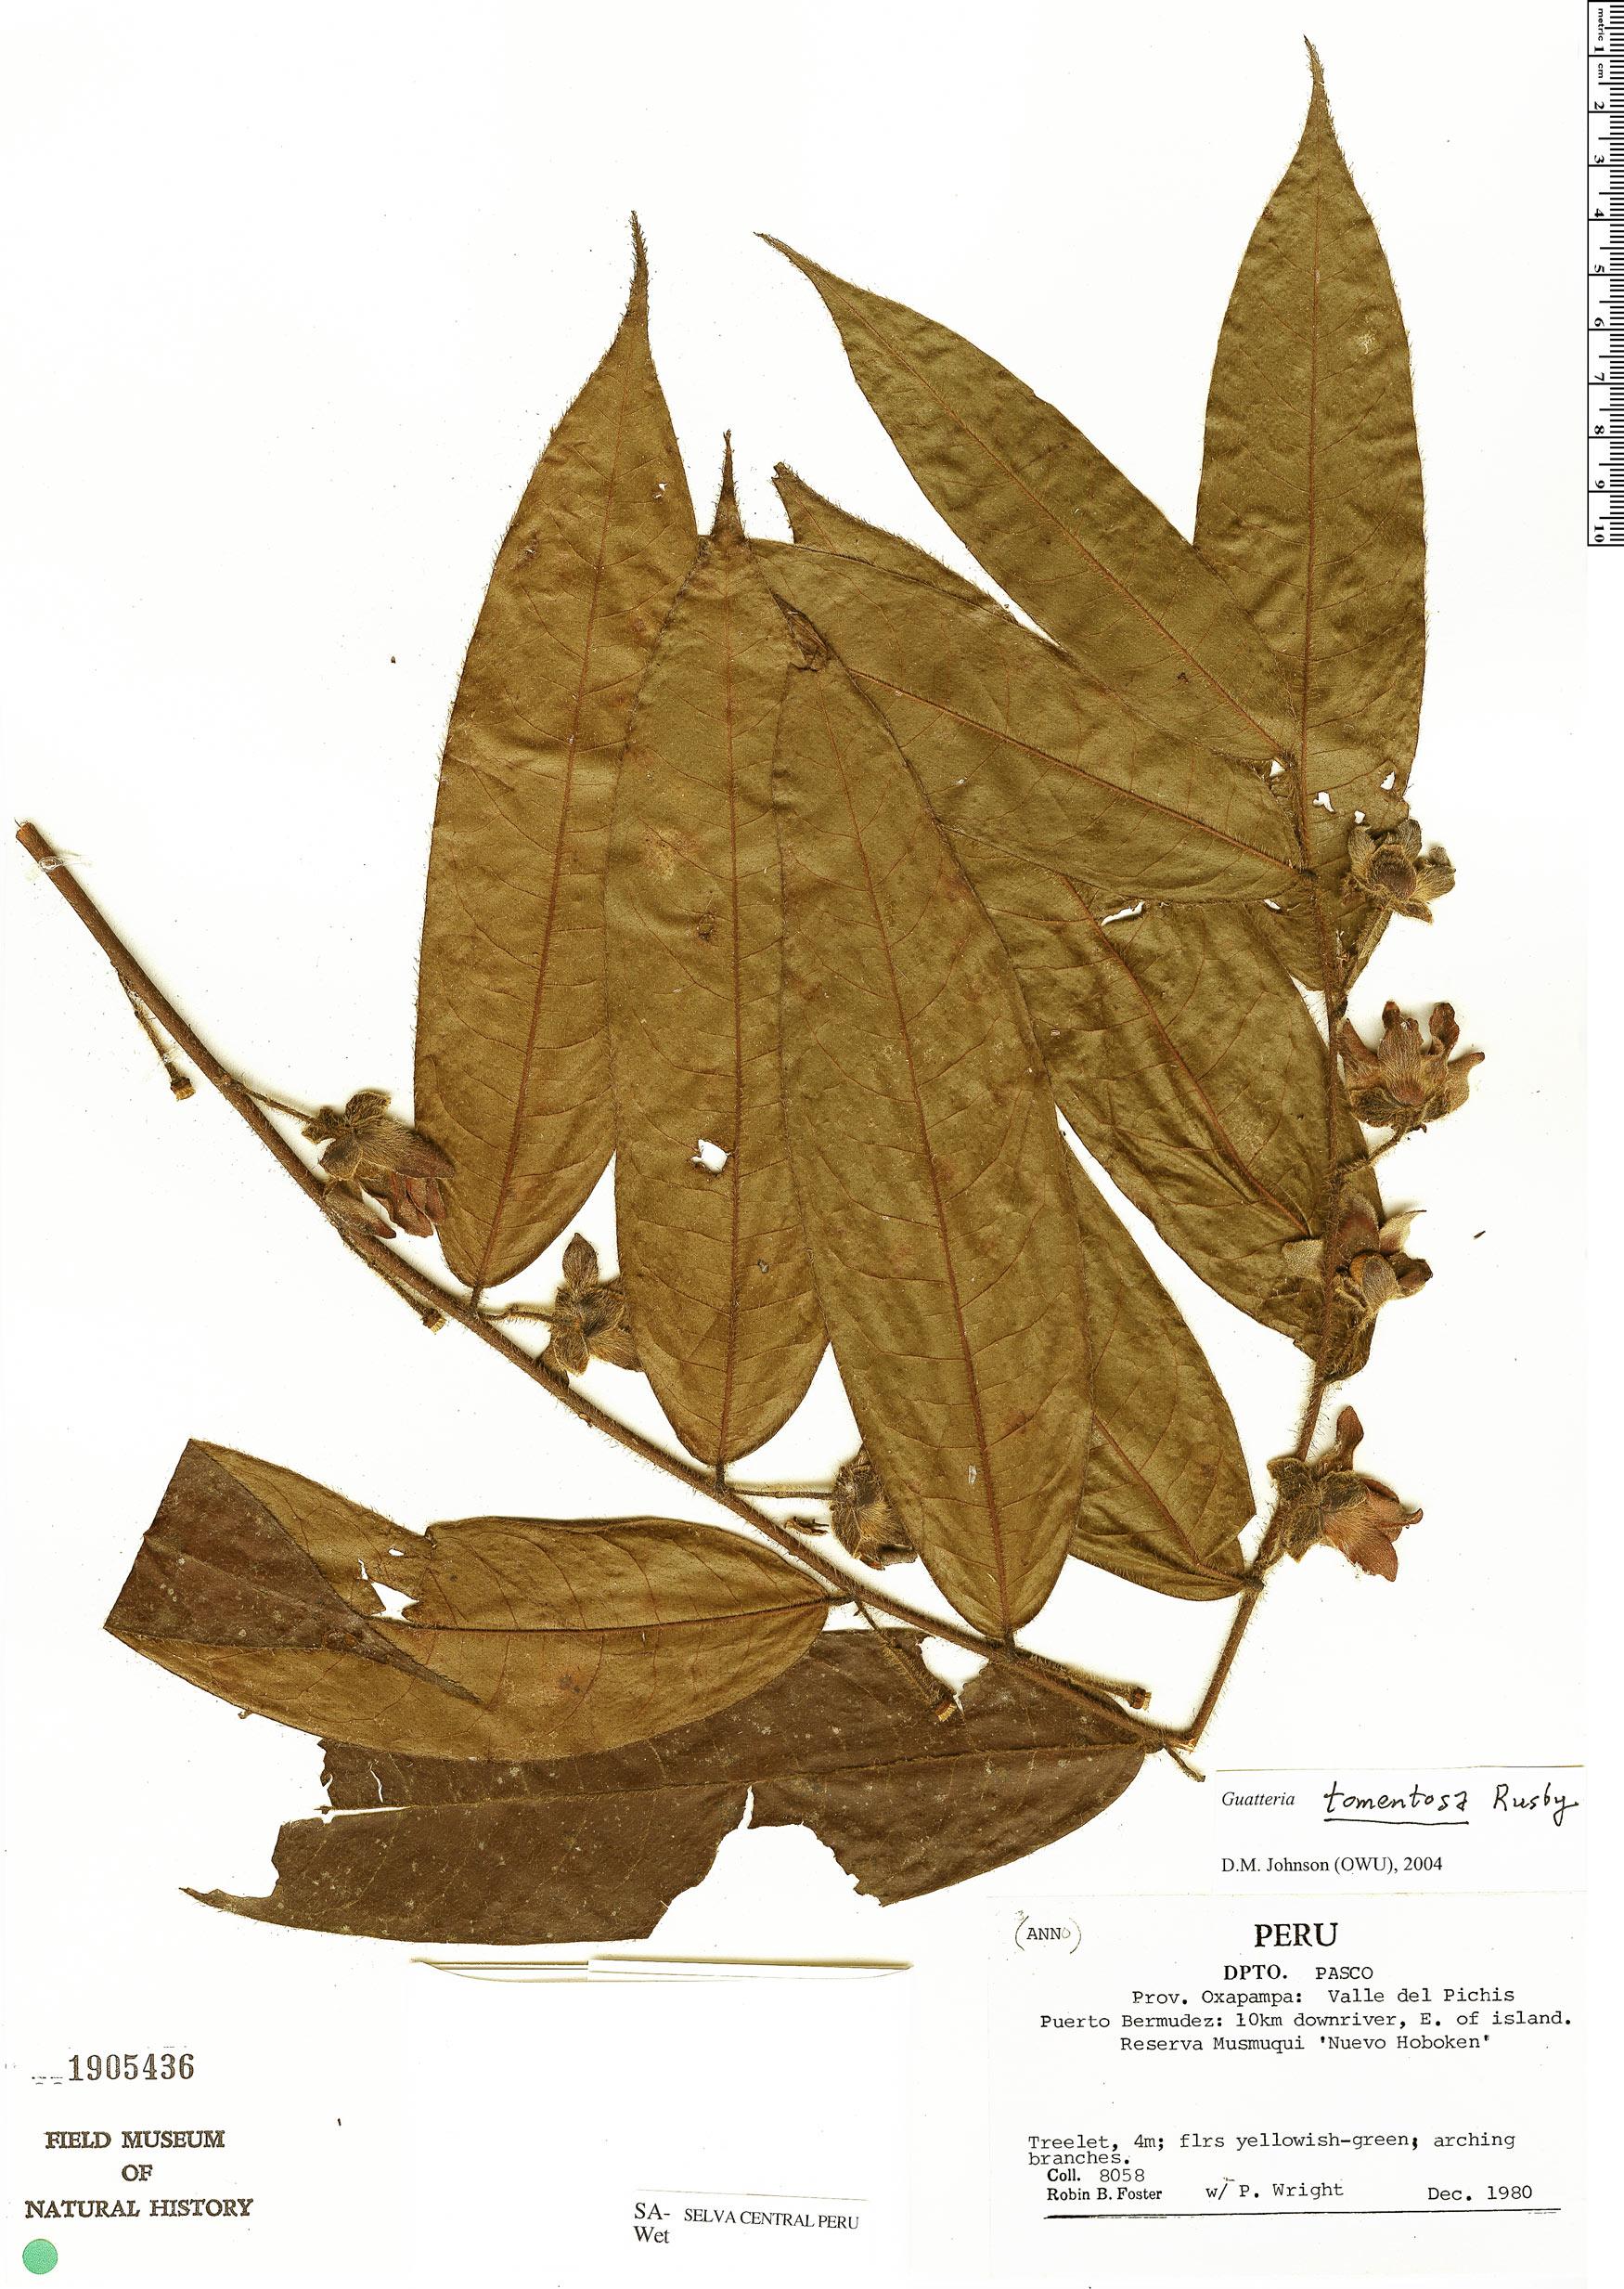 Specimen: Guatteria tomentosa